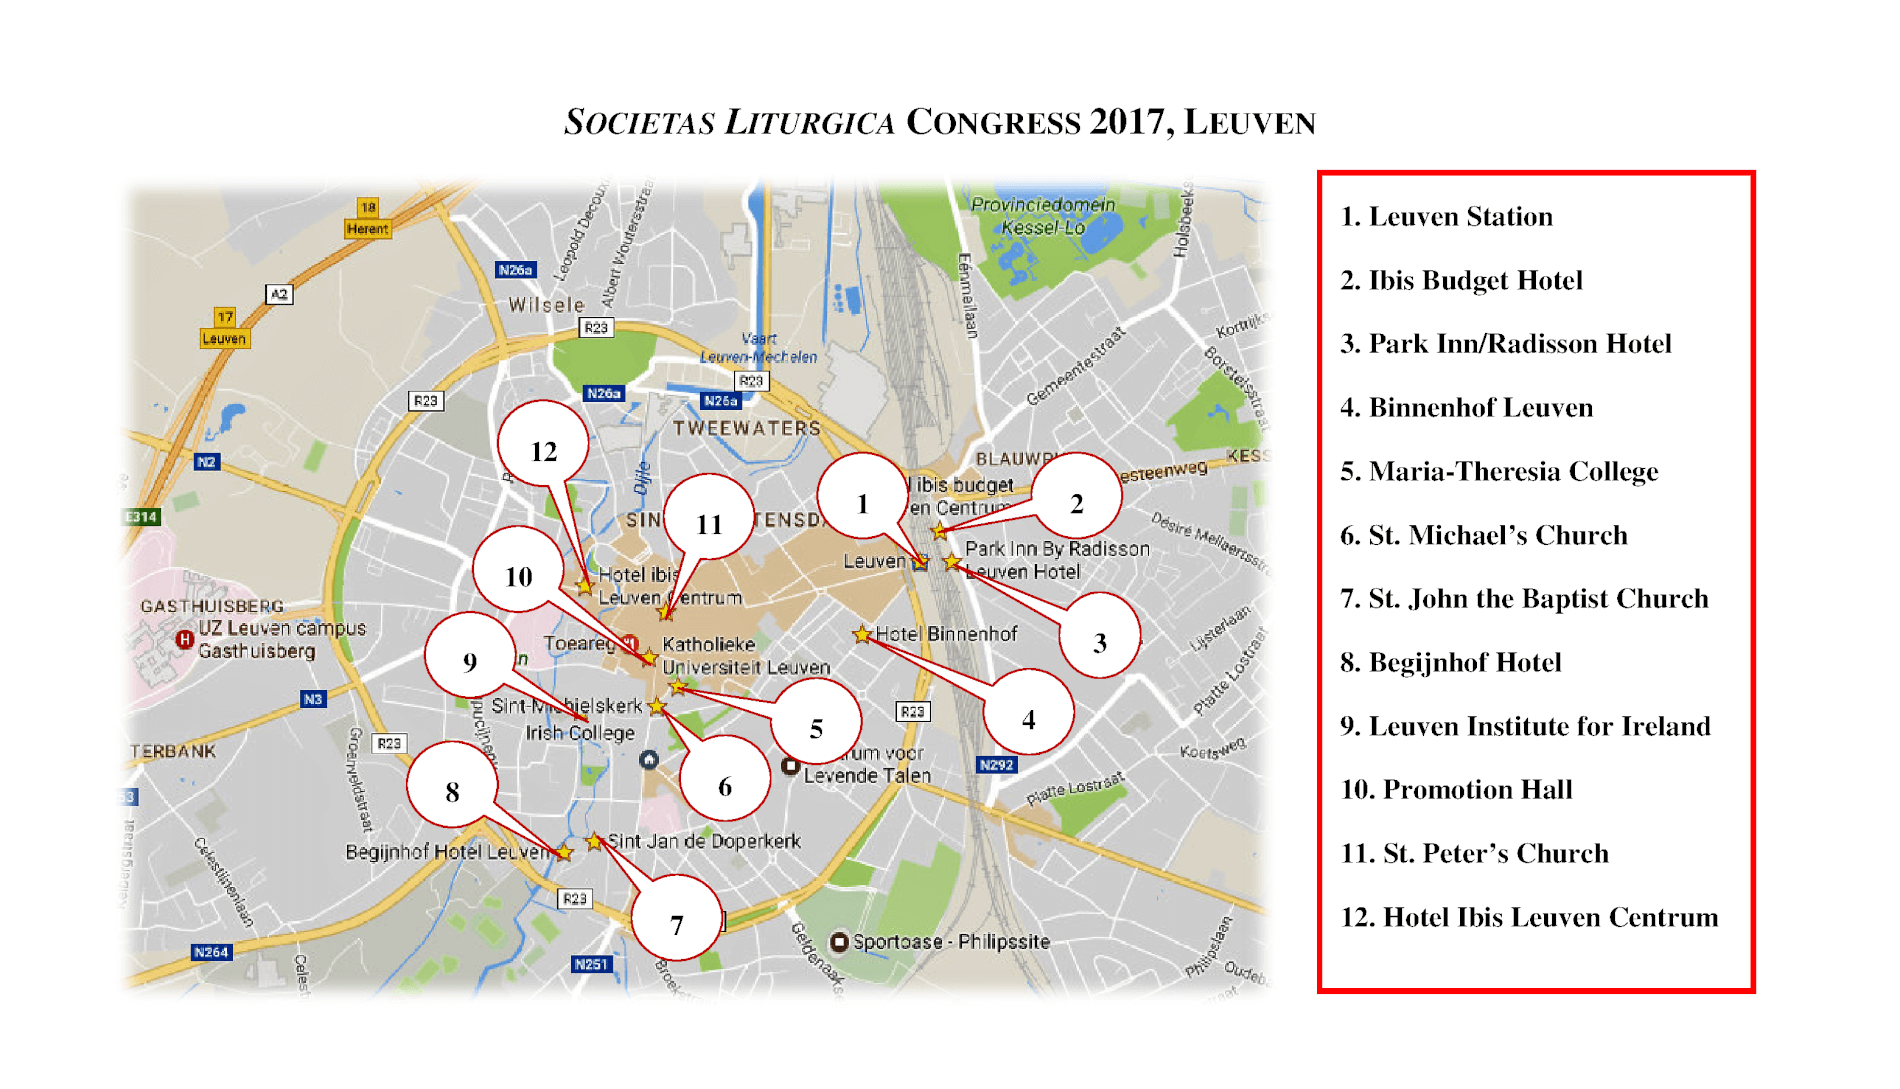 Leuven Belgium SOCIETAS LITURGICA